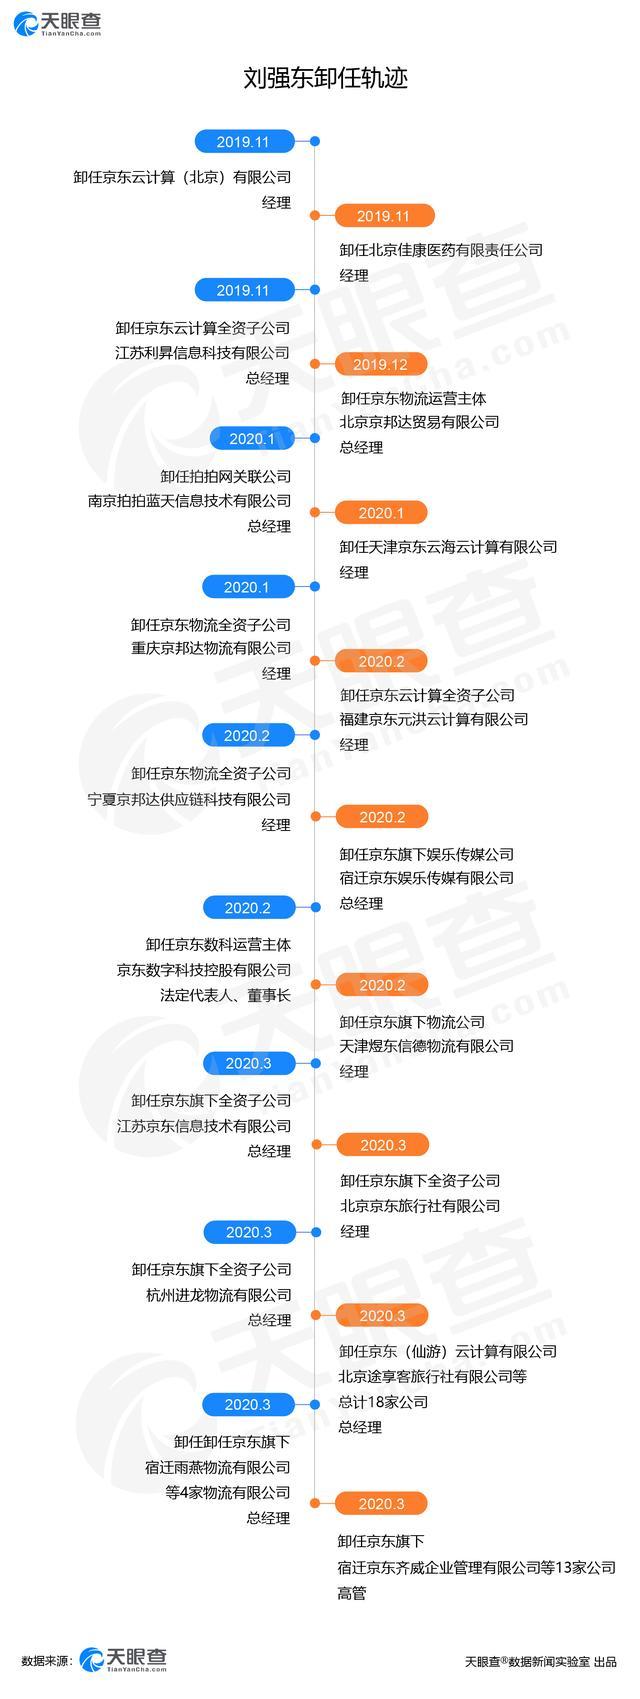 刘强东大放权:再卸任旗下13家高管,到底打的什么算盘?